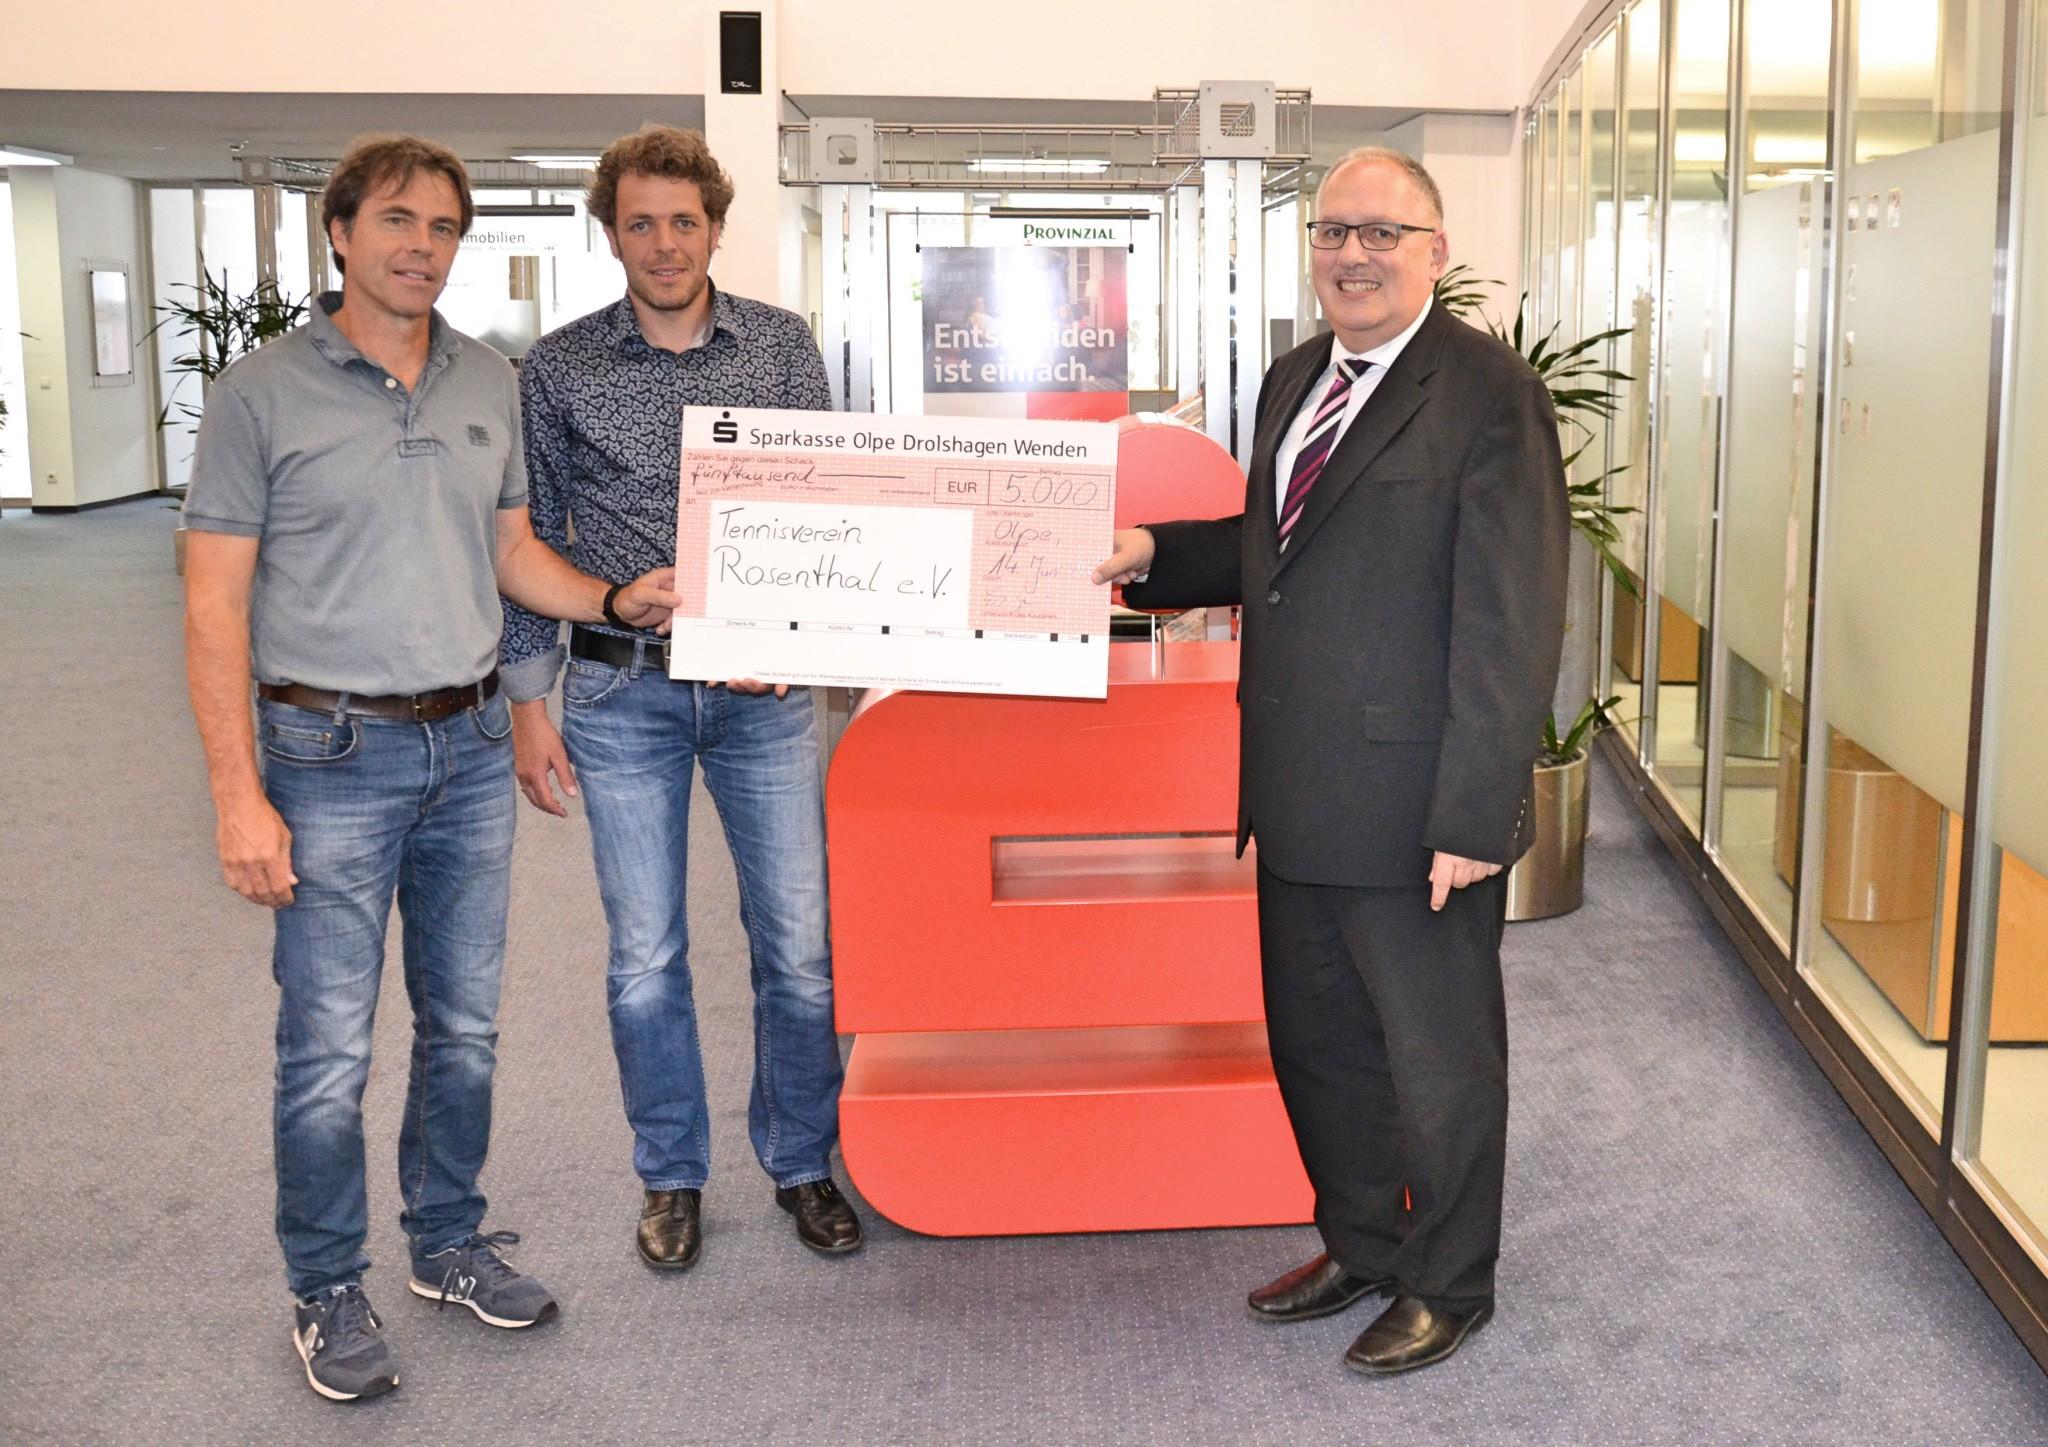 5.000 Euro für Clubhaus-Sanierung des Tennisvereins Rosenthal